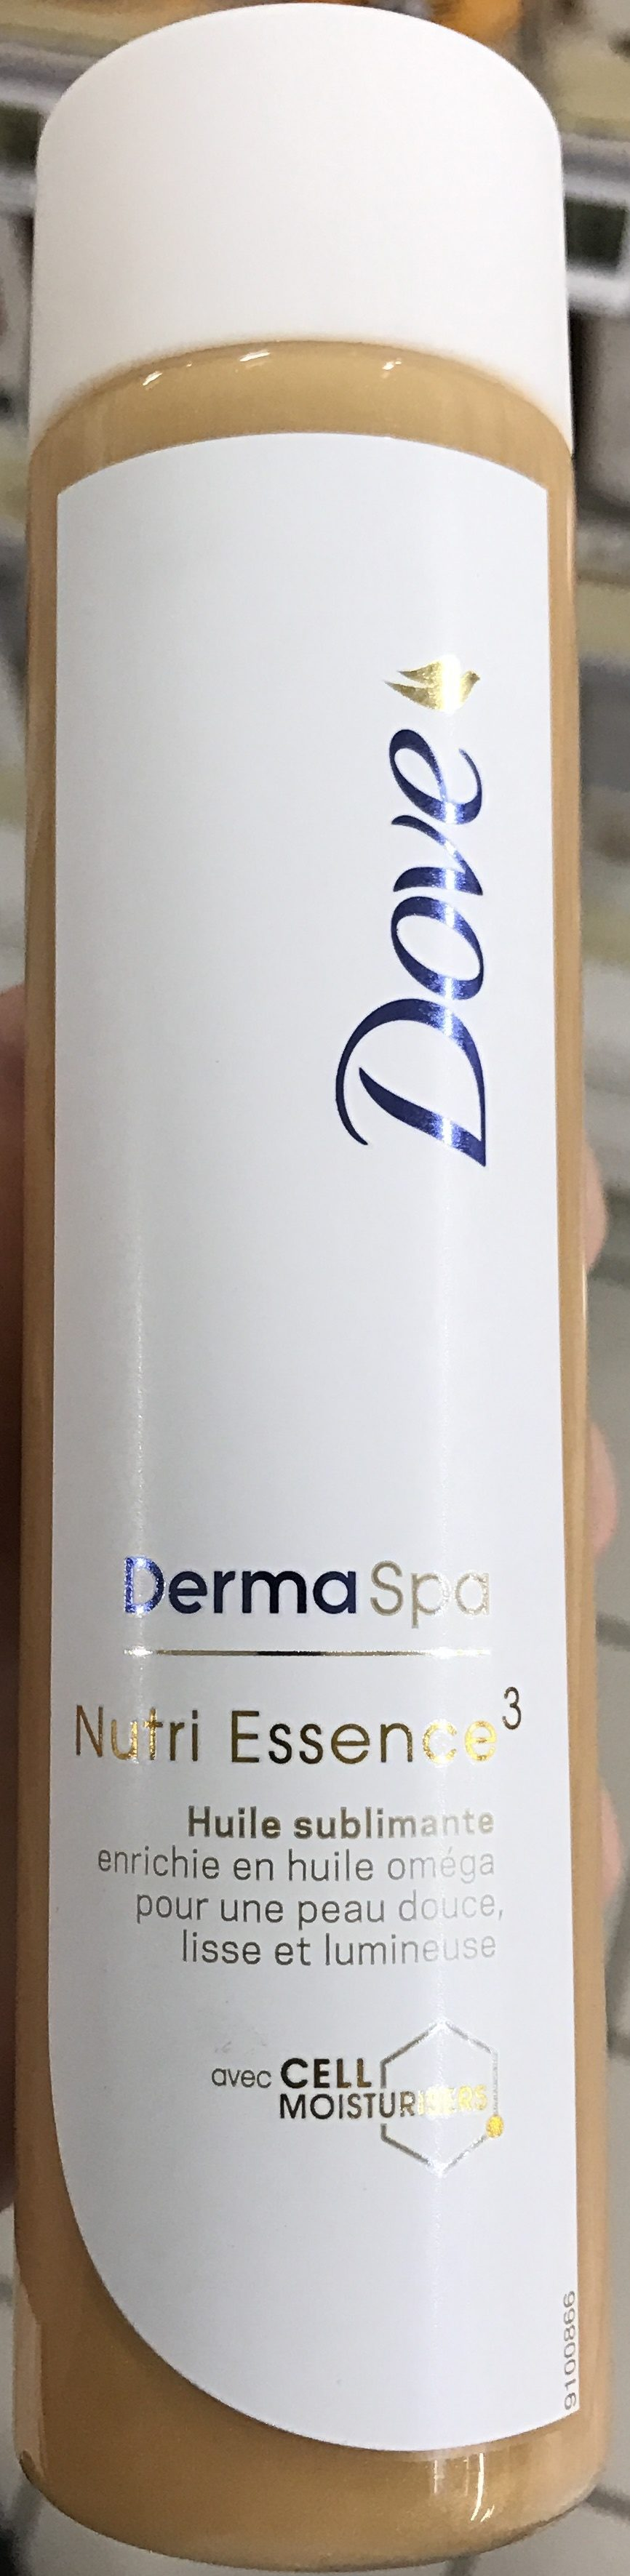 DermaSpa Nutri Essence³ - Product - fr